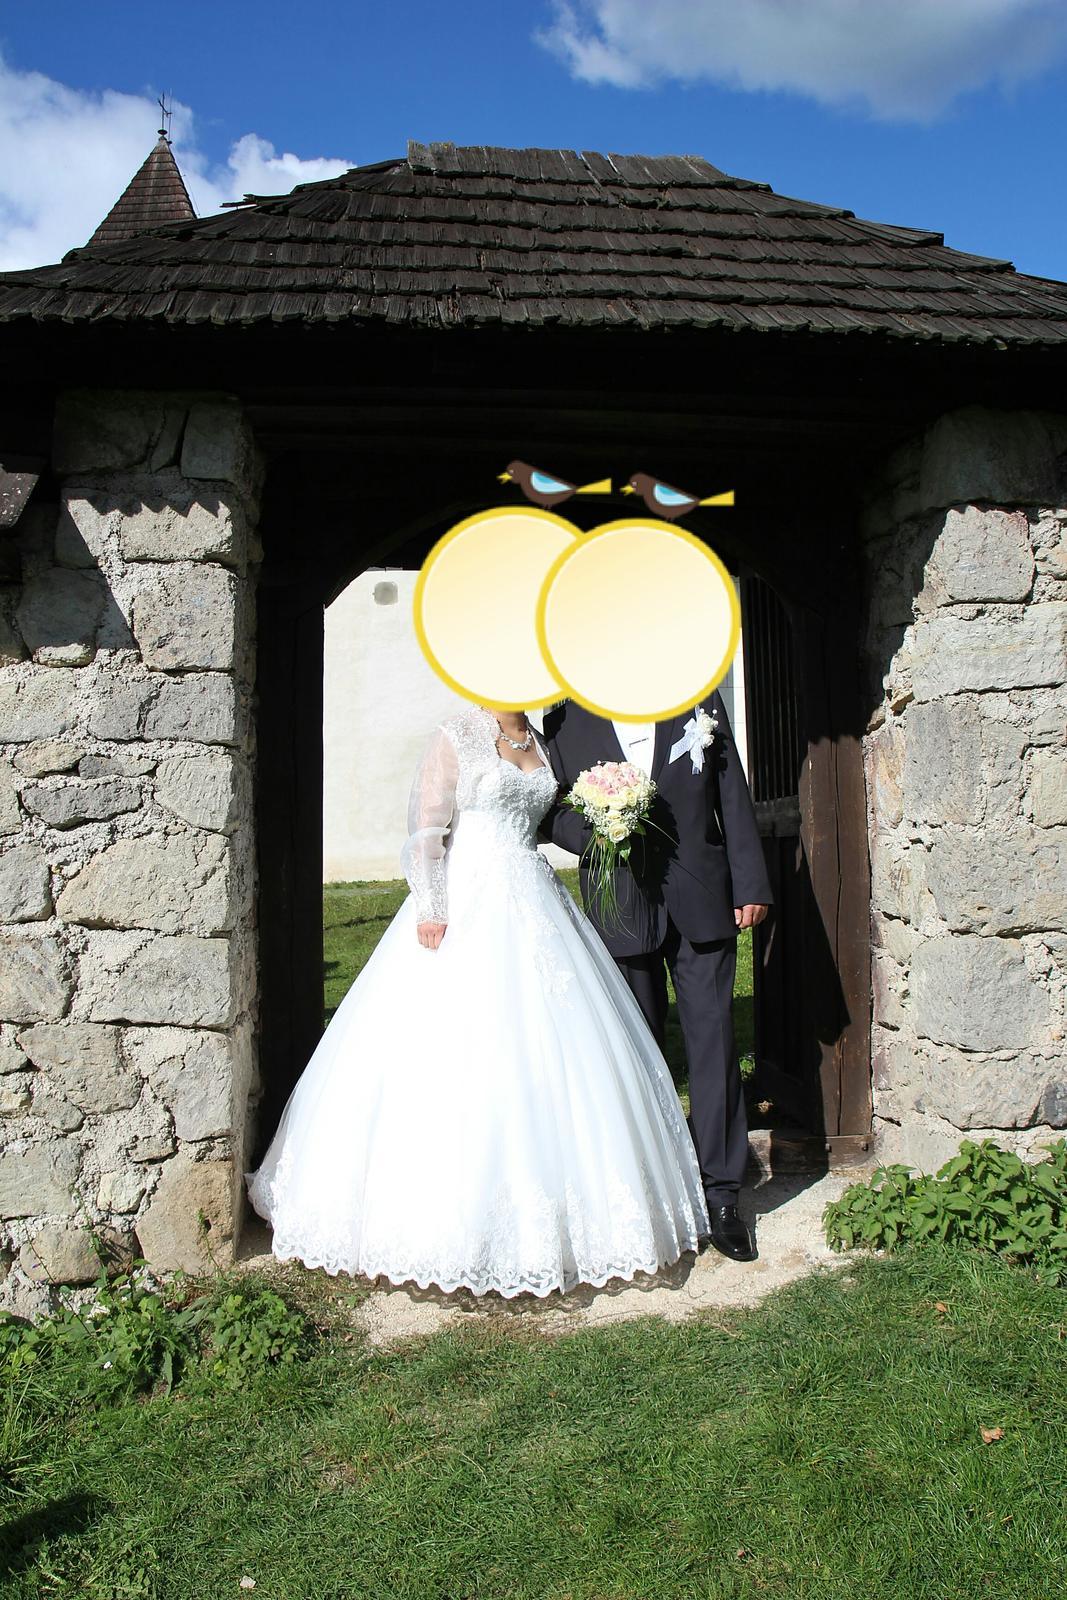 Svadobné šaty a 5 m závoj - Obrázok č. 3